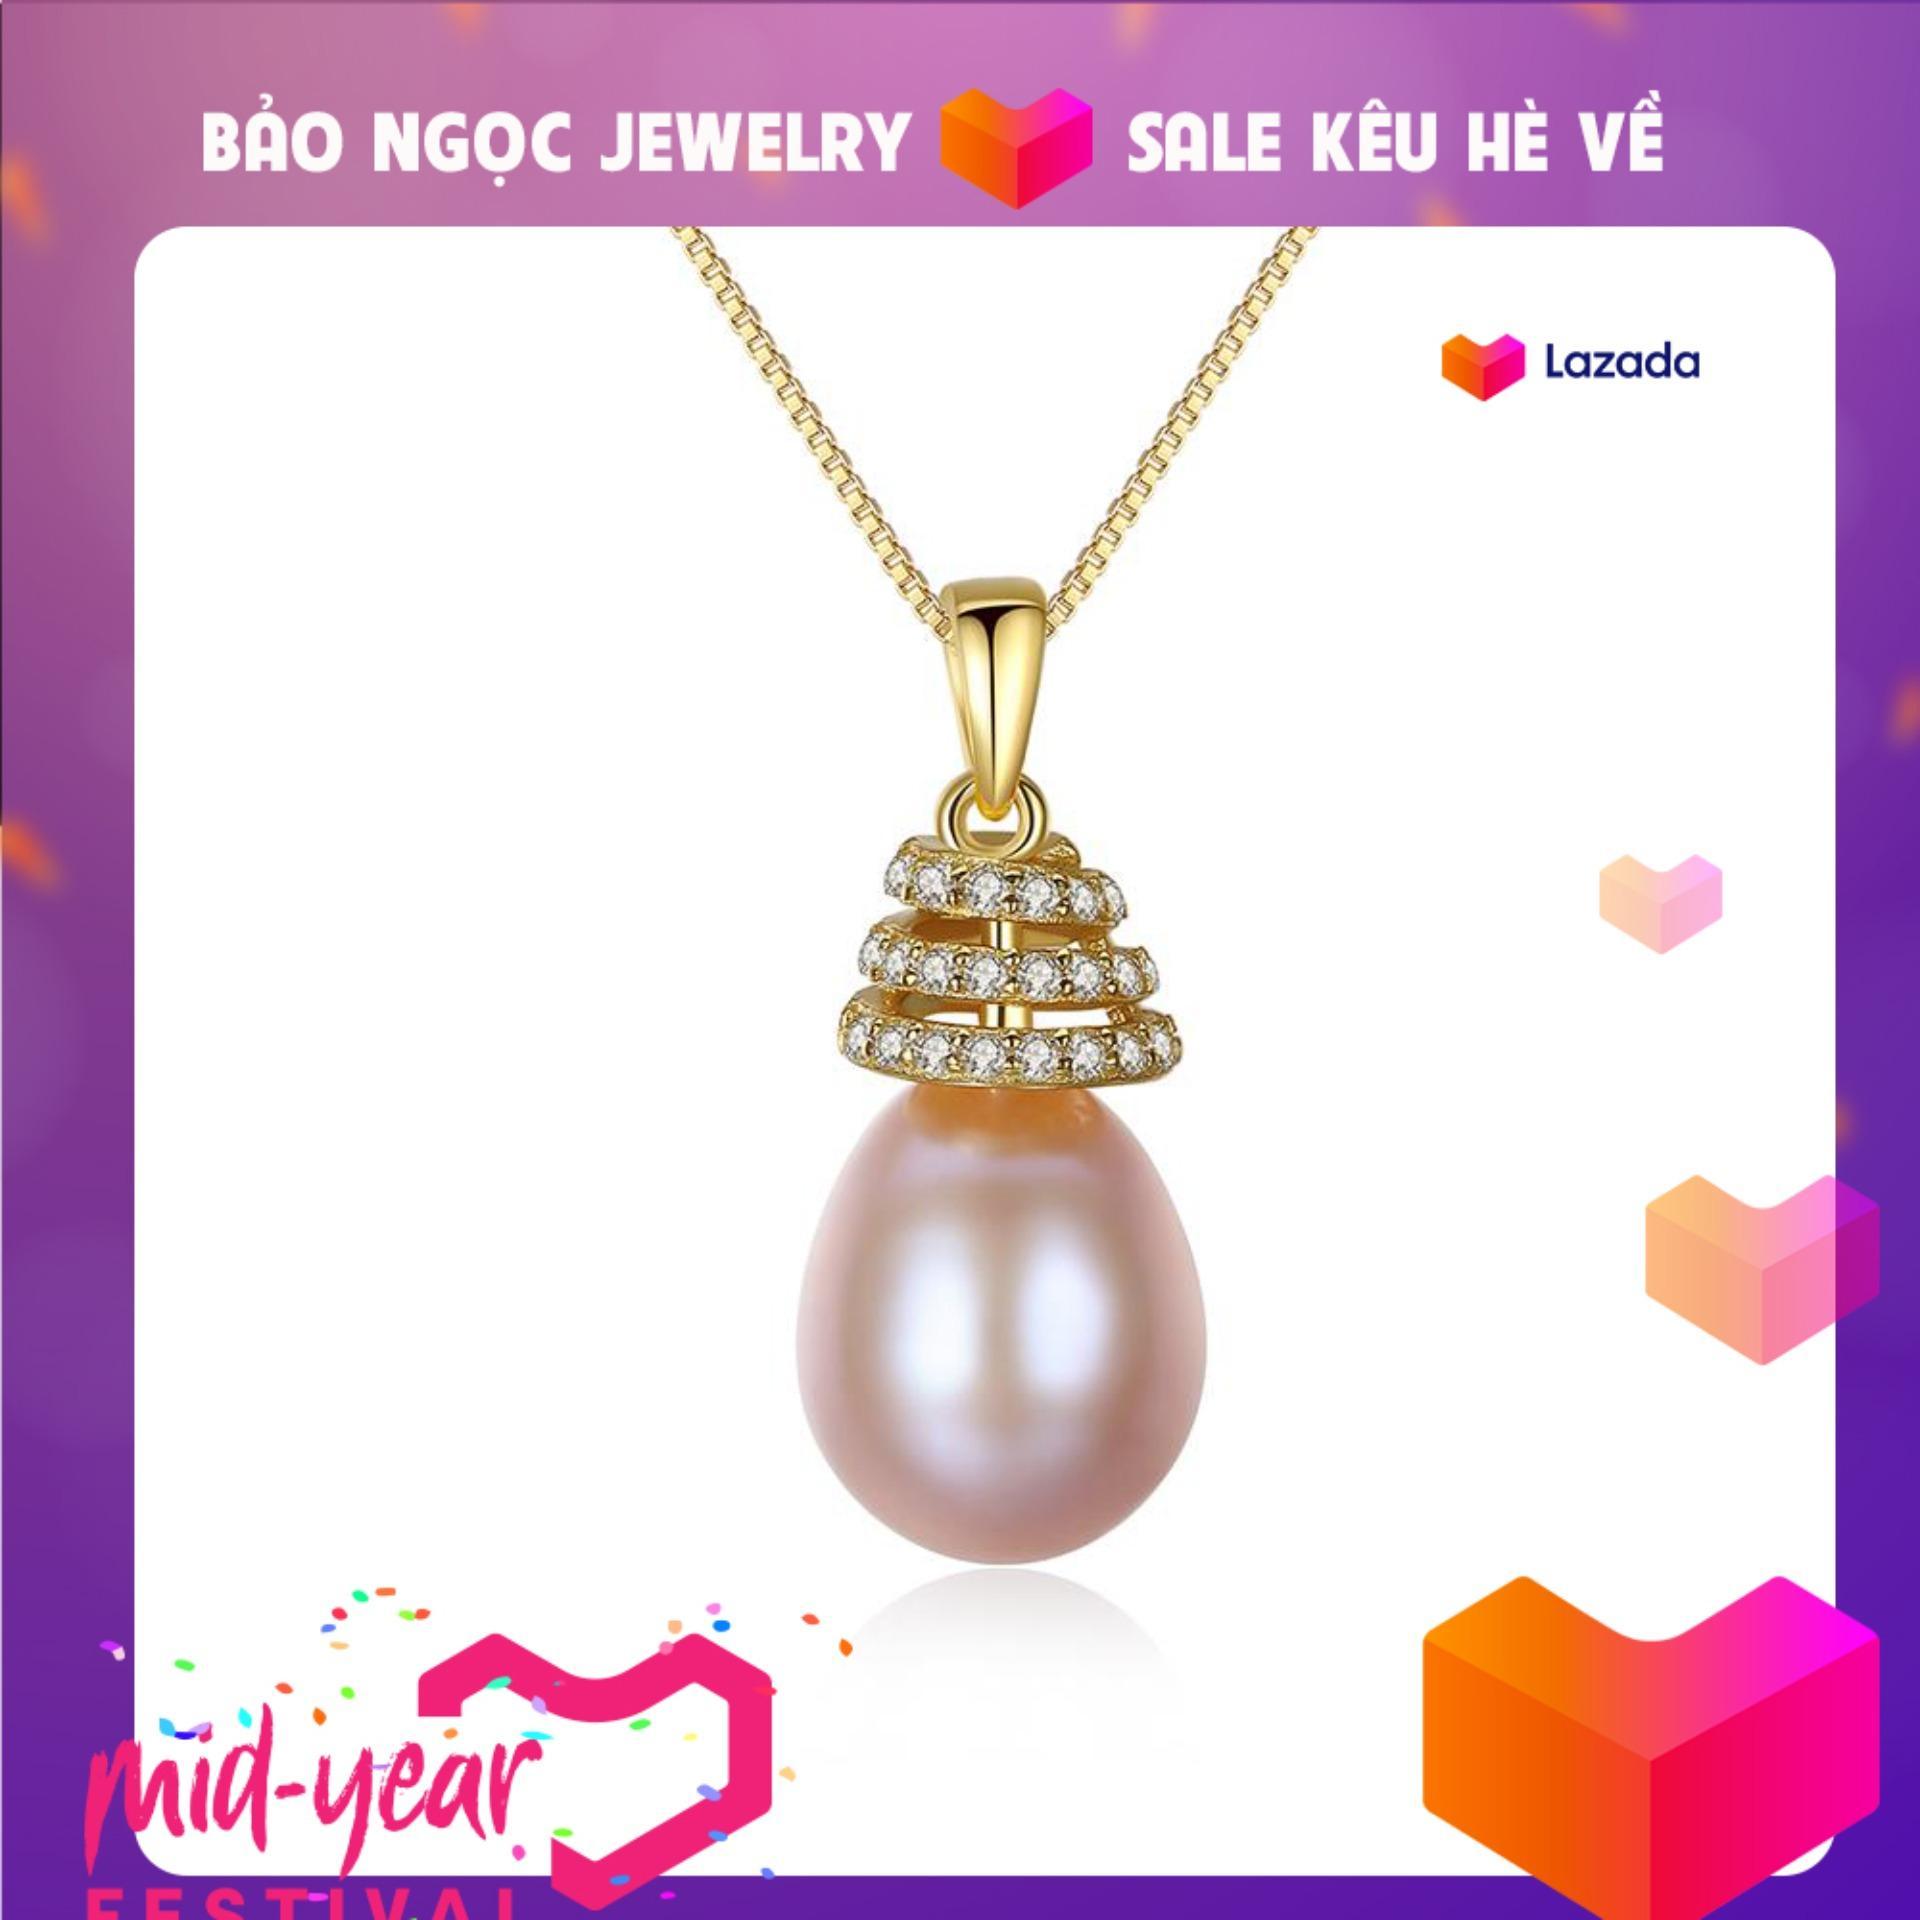 Dây Chuyền Ngọc Trai Cao Cấp DB2335 Cỡ Hạt 10x11 Bảo Ngọc Jewelry